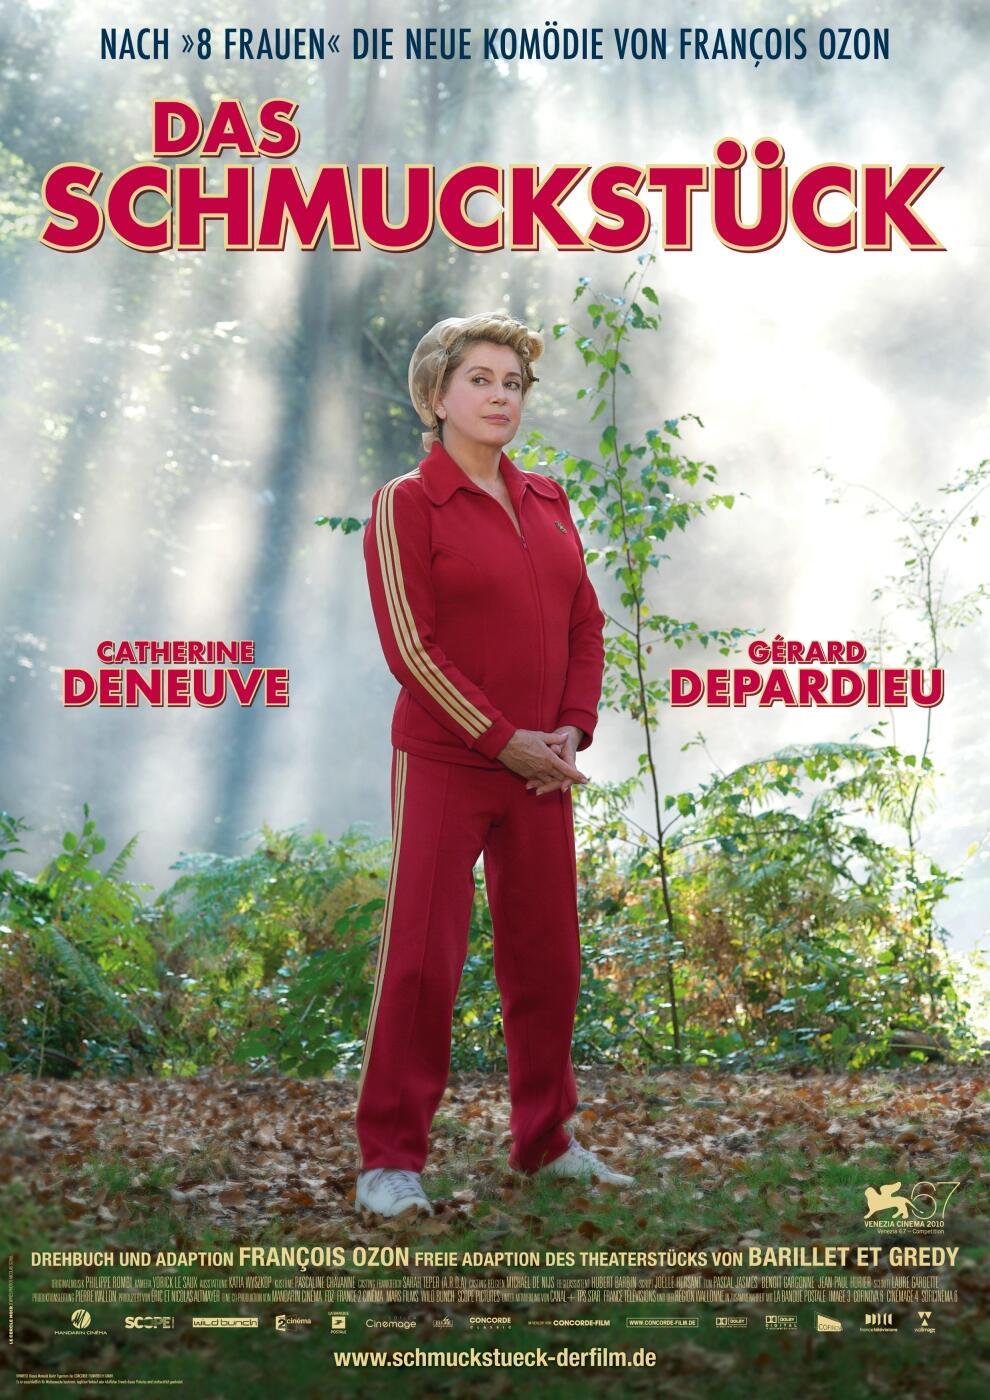 Schmuckstück  Das Schmuckstück | Film 2010 | moviepilot.de